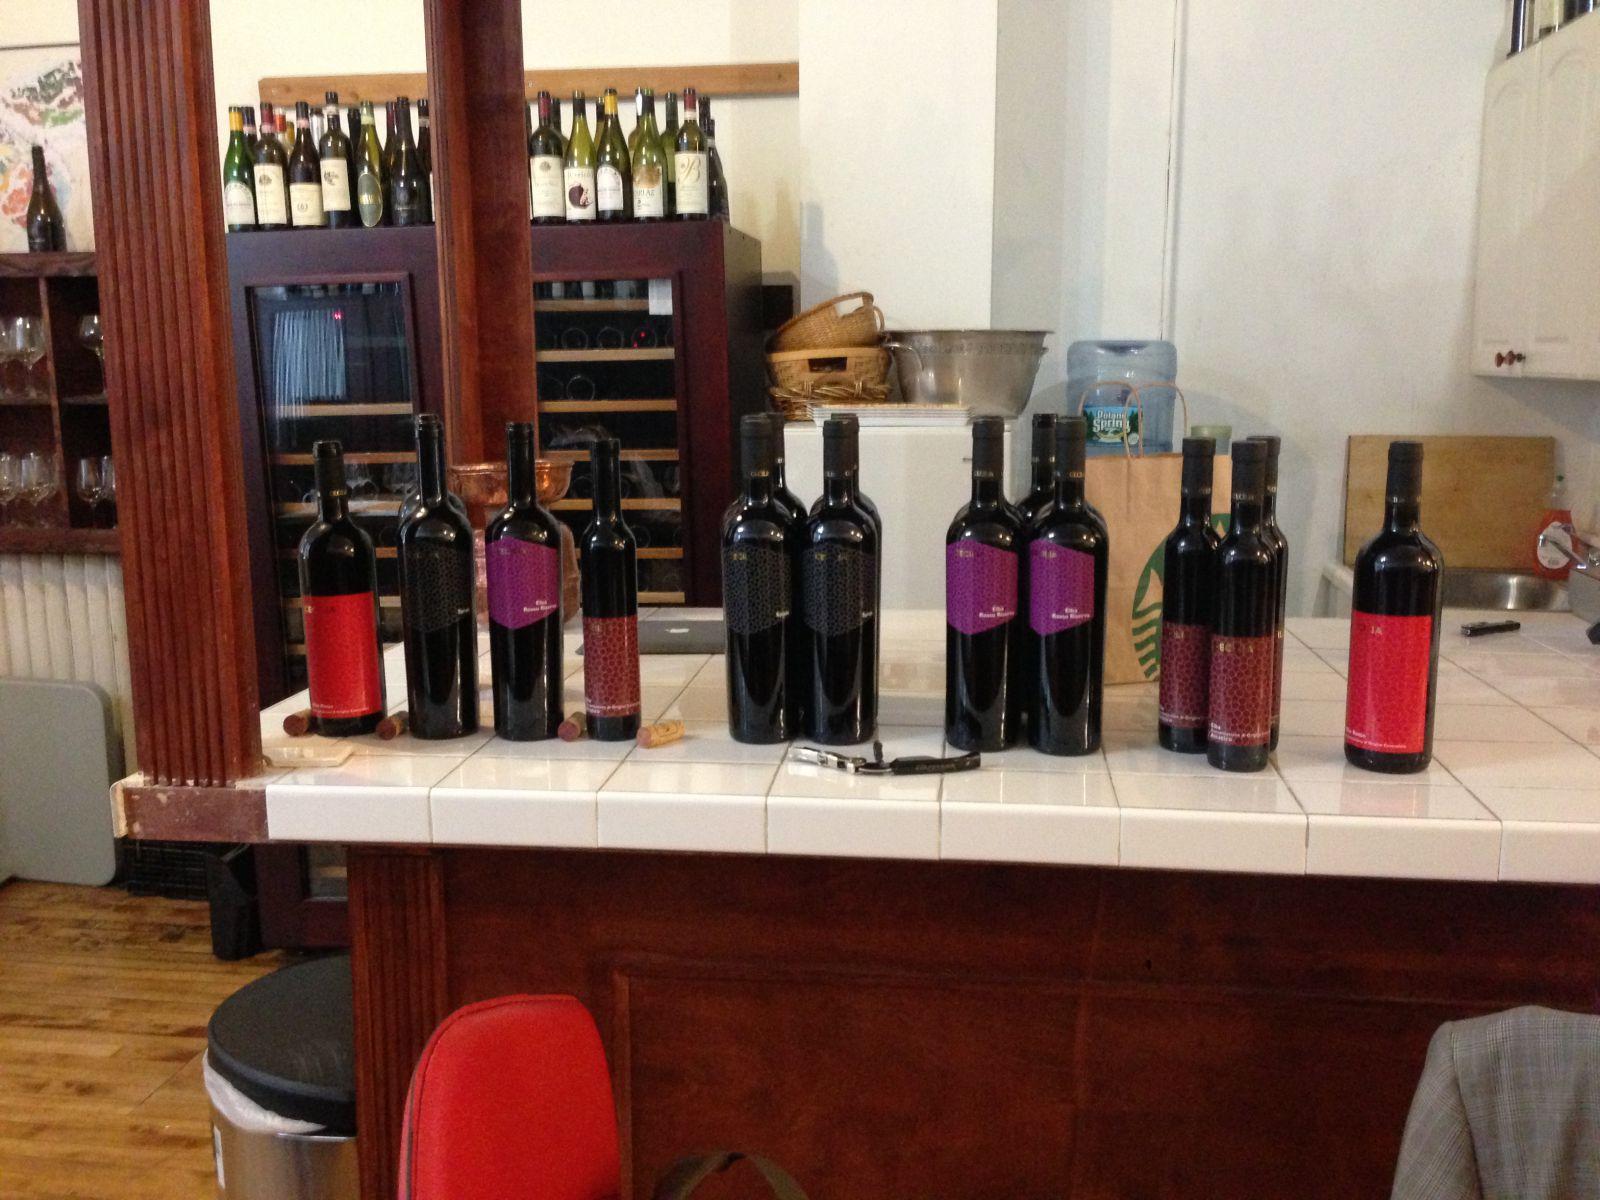 Cecilia wines